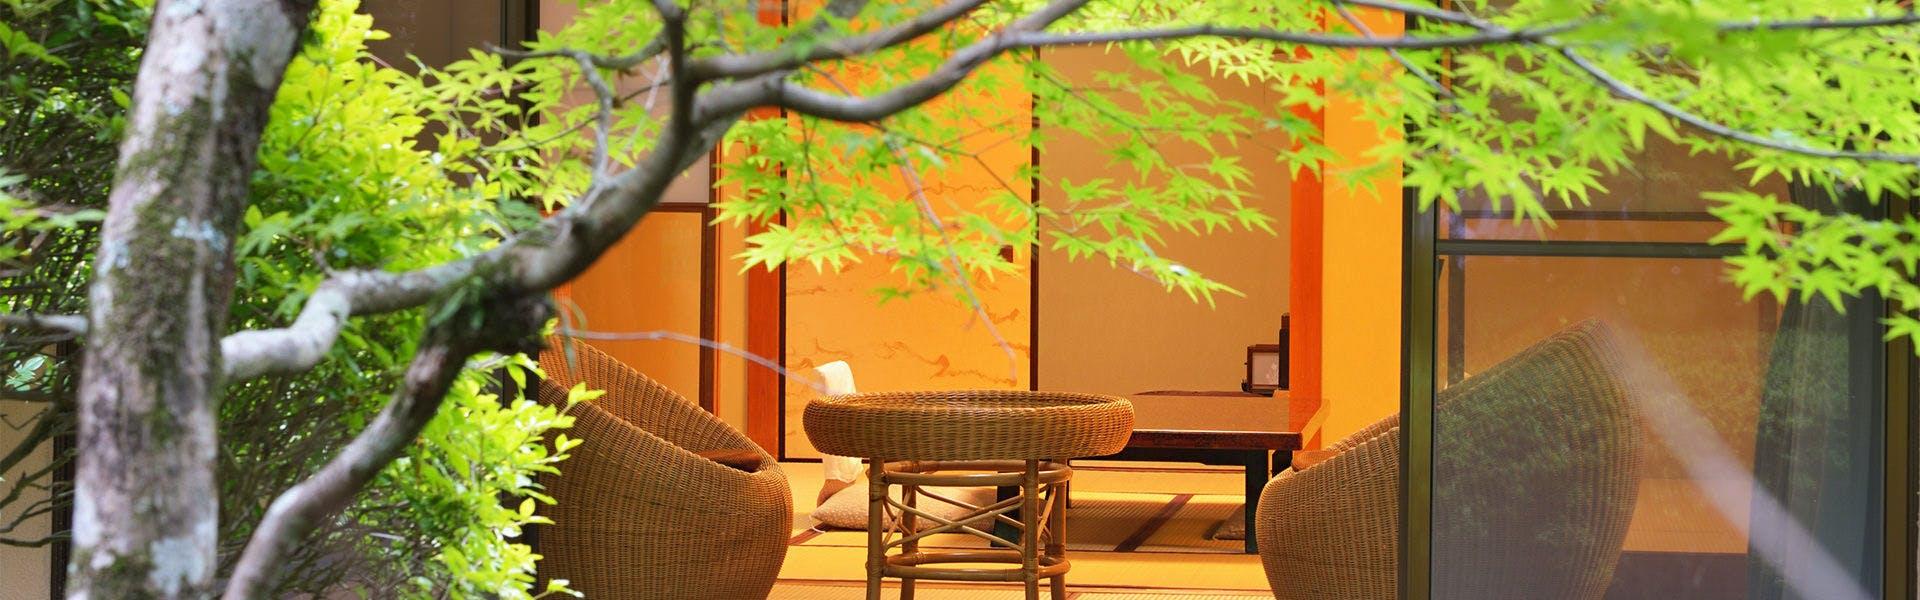 記念日におすすめのホテル・【箱根湯本温泉 玉庭】の写真1